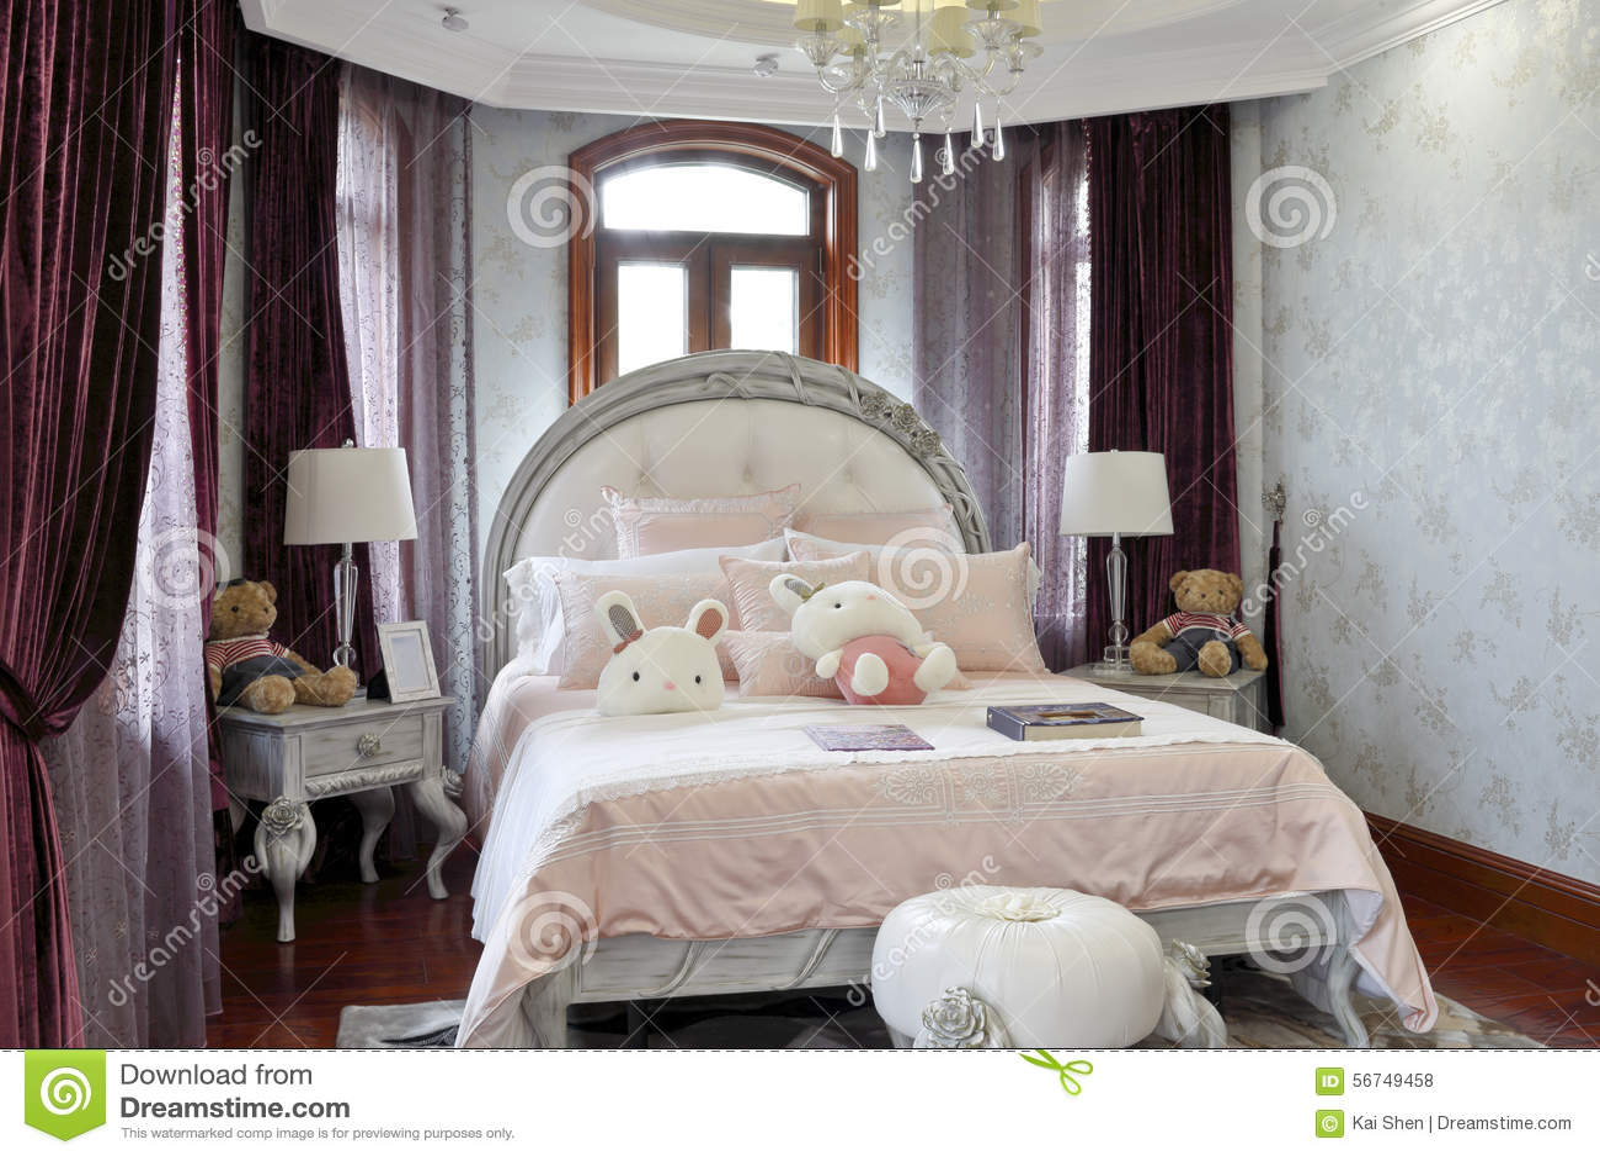 Camera da letto francese delle ragazze fotografia stock immagine di colore genere 56749458 - Camera da letto in francese ...